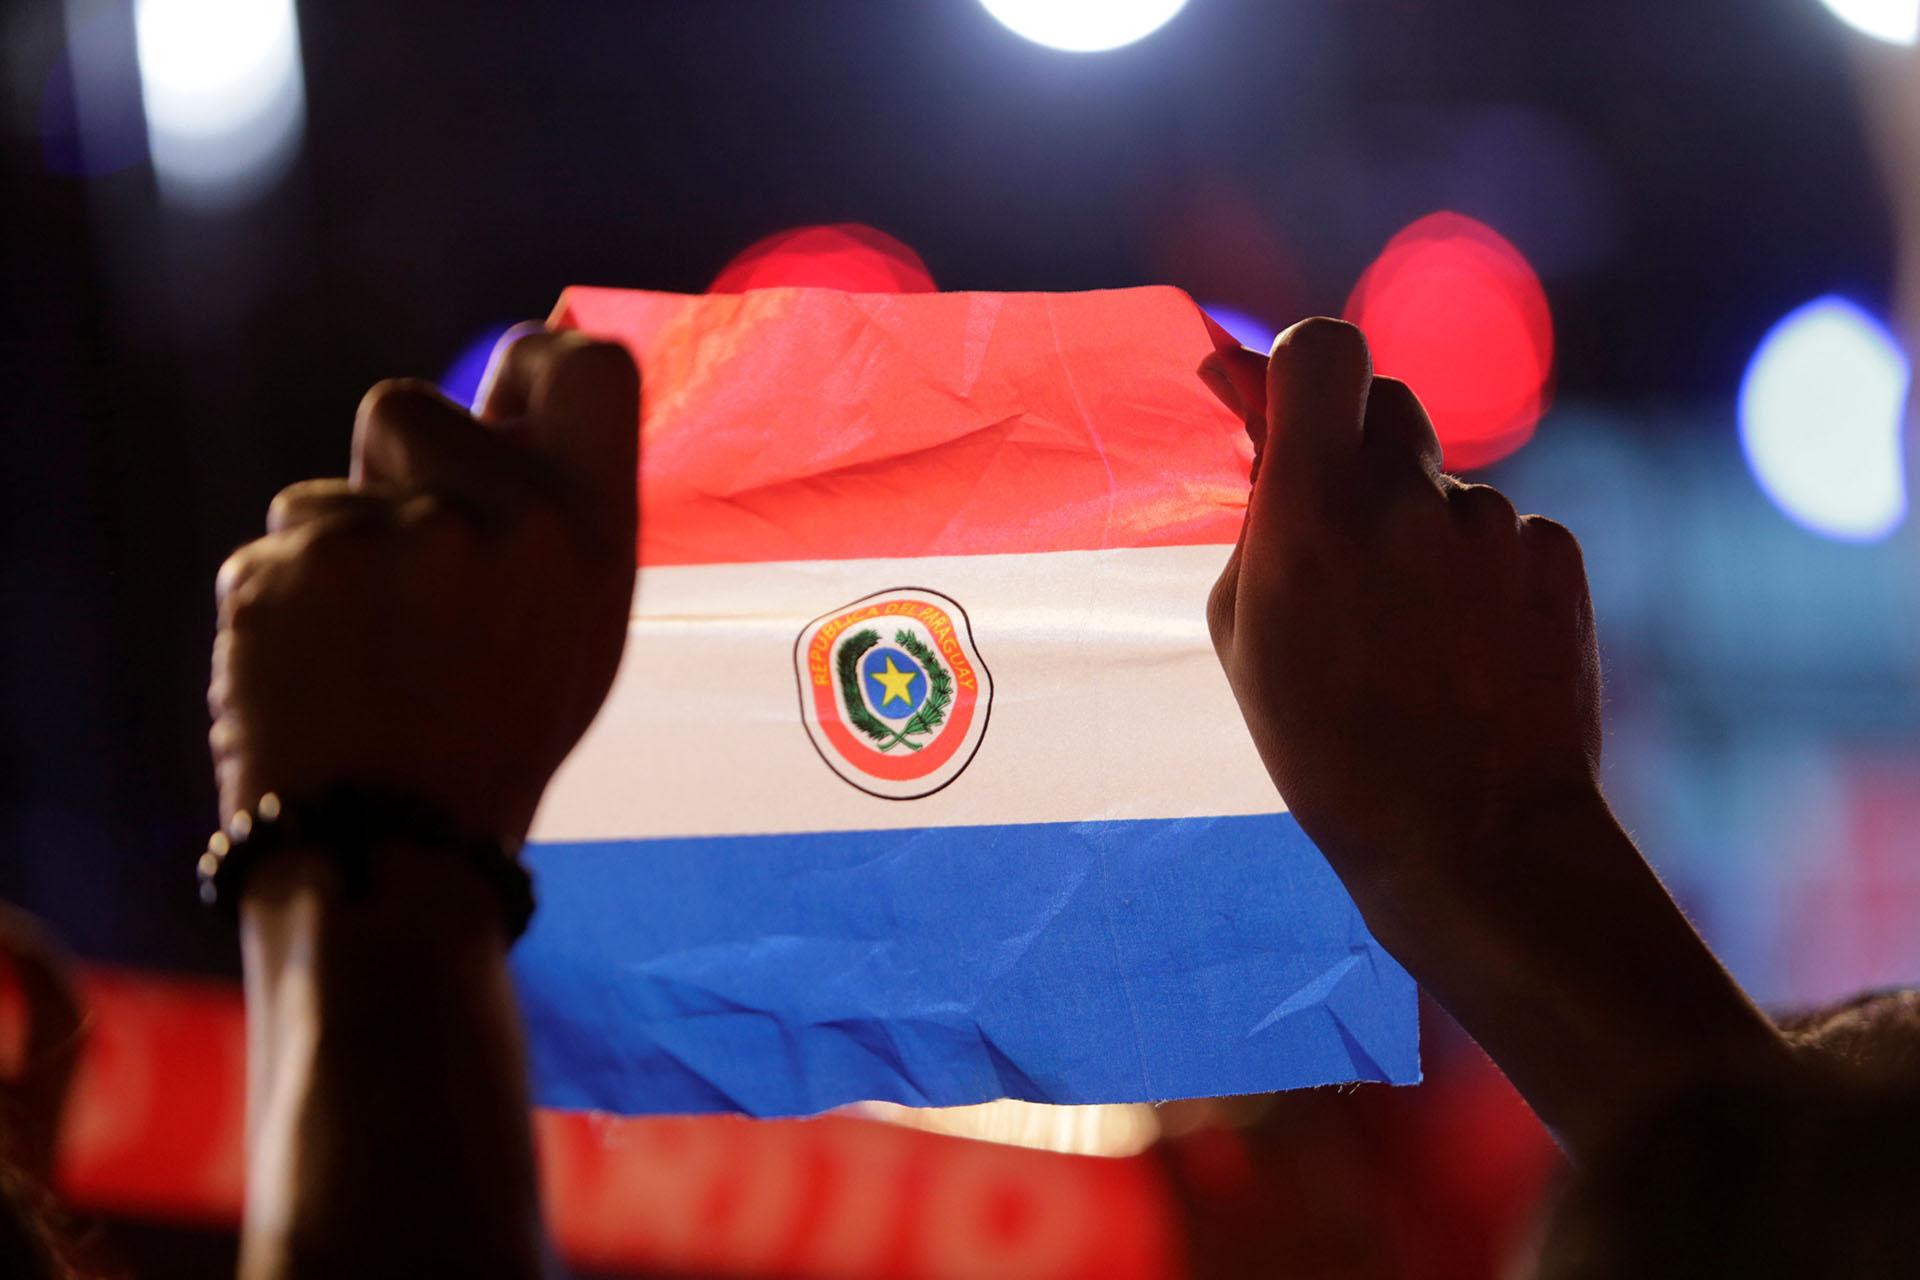 El nuevo presidente deberá lidiar con niveles altos de pobreza y el aumento de la corrupción (Reuters)